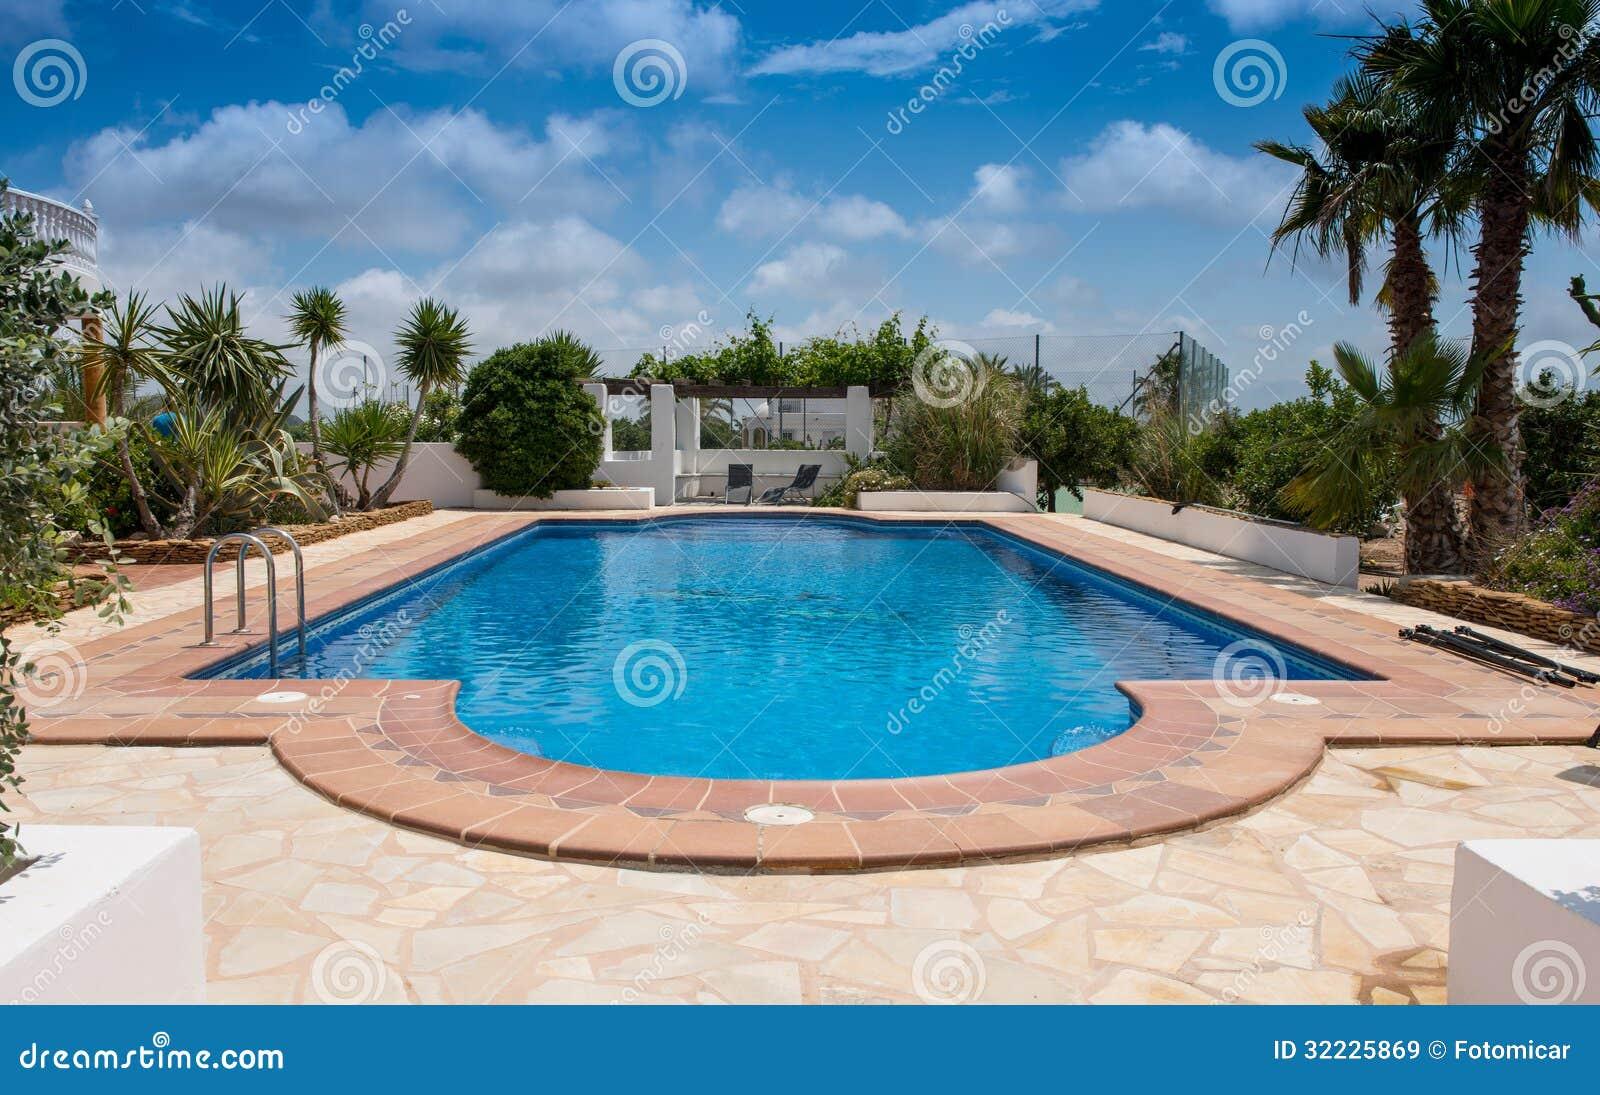 Download Piscina privada típica imagem de stock. Imagem de southern - 32225869